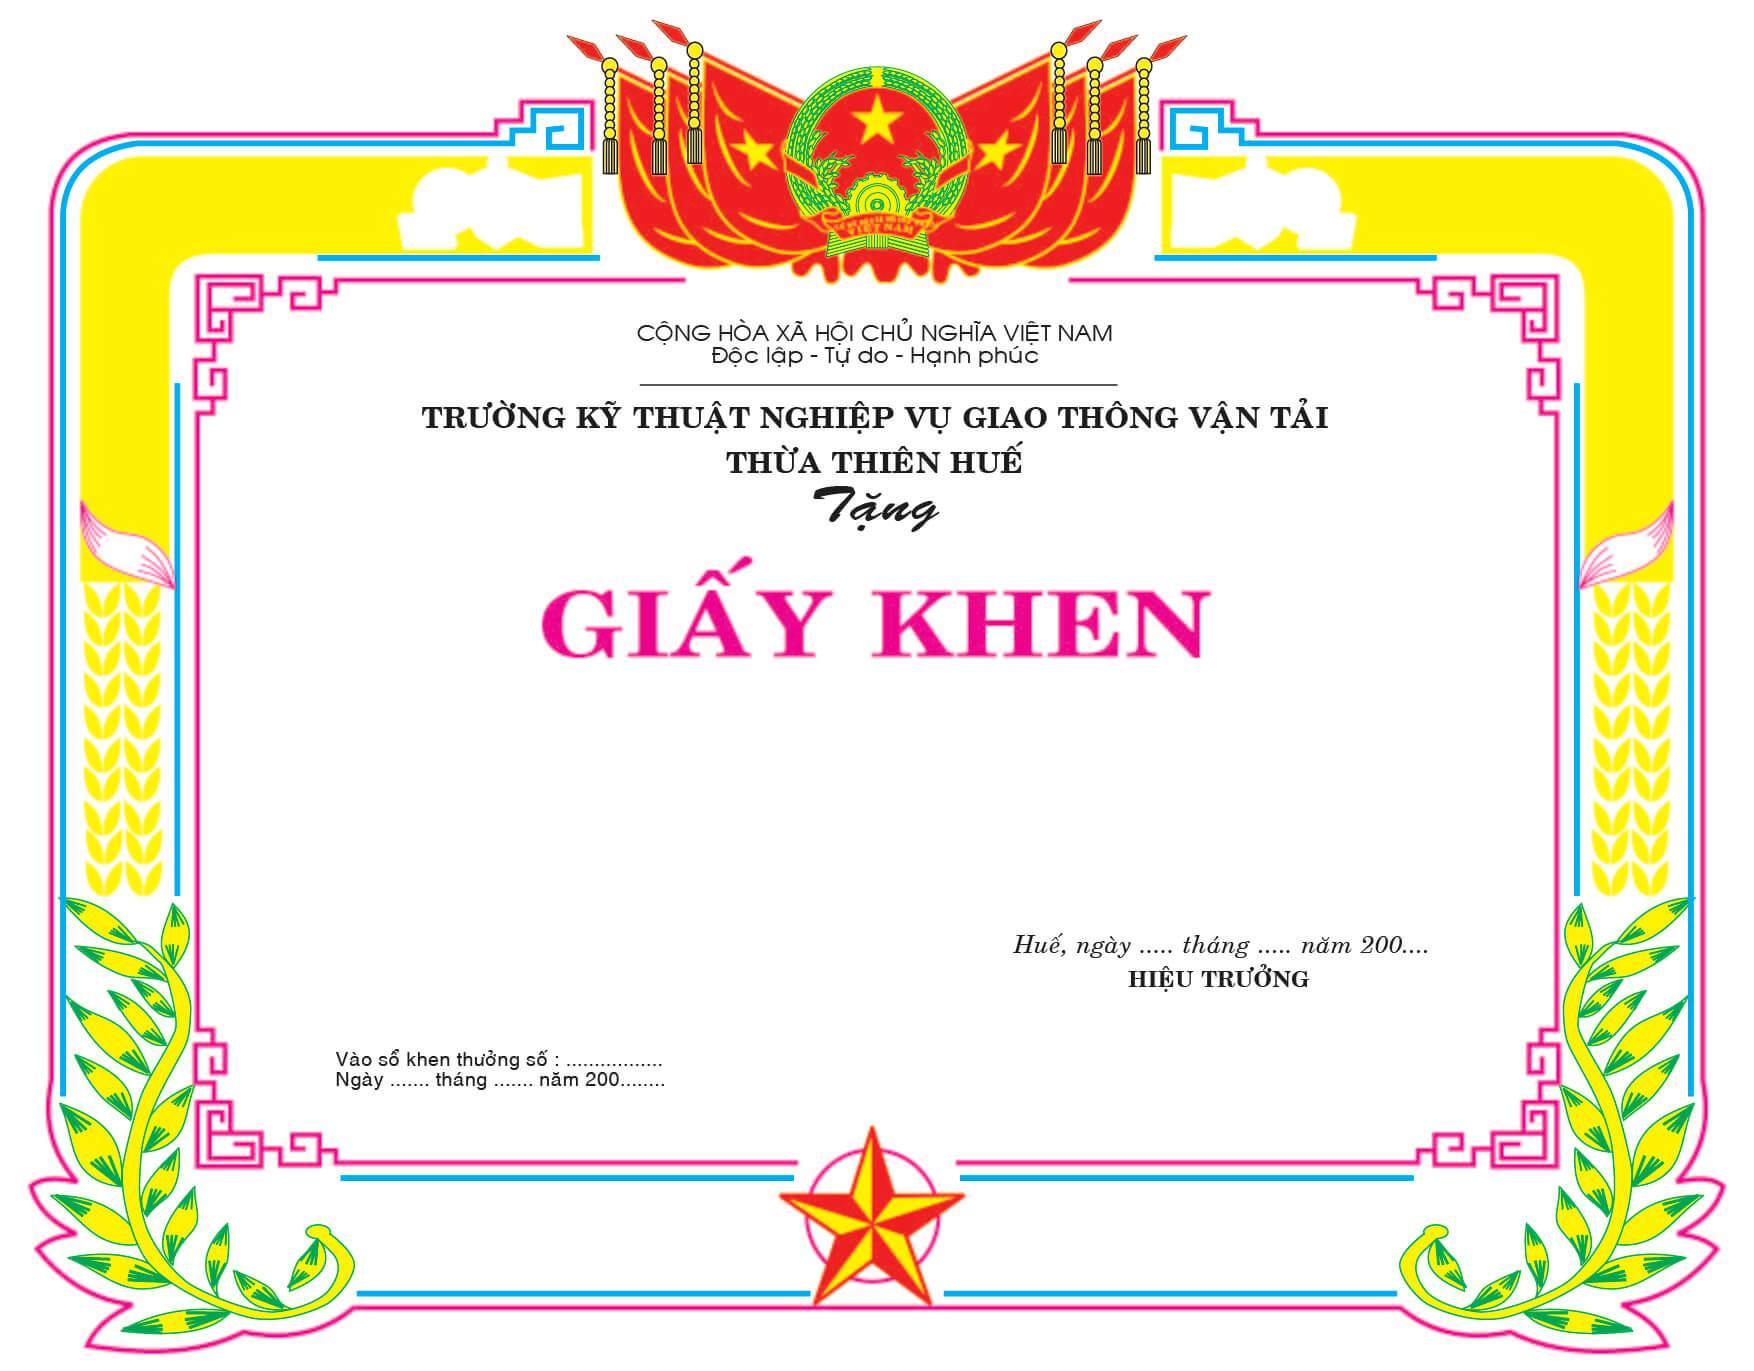 Mẫu giấy khen 033 - Mẫu giấy khen kỹ thuật - mẫu giấy khen cho trường học - link download : https://adsnew.net/4nHQv2